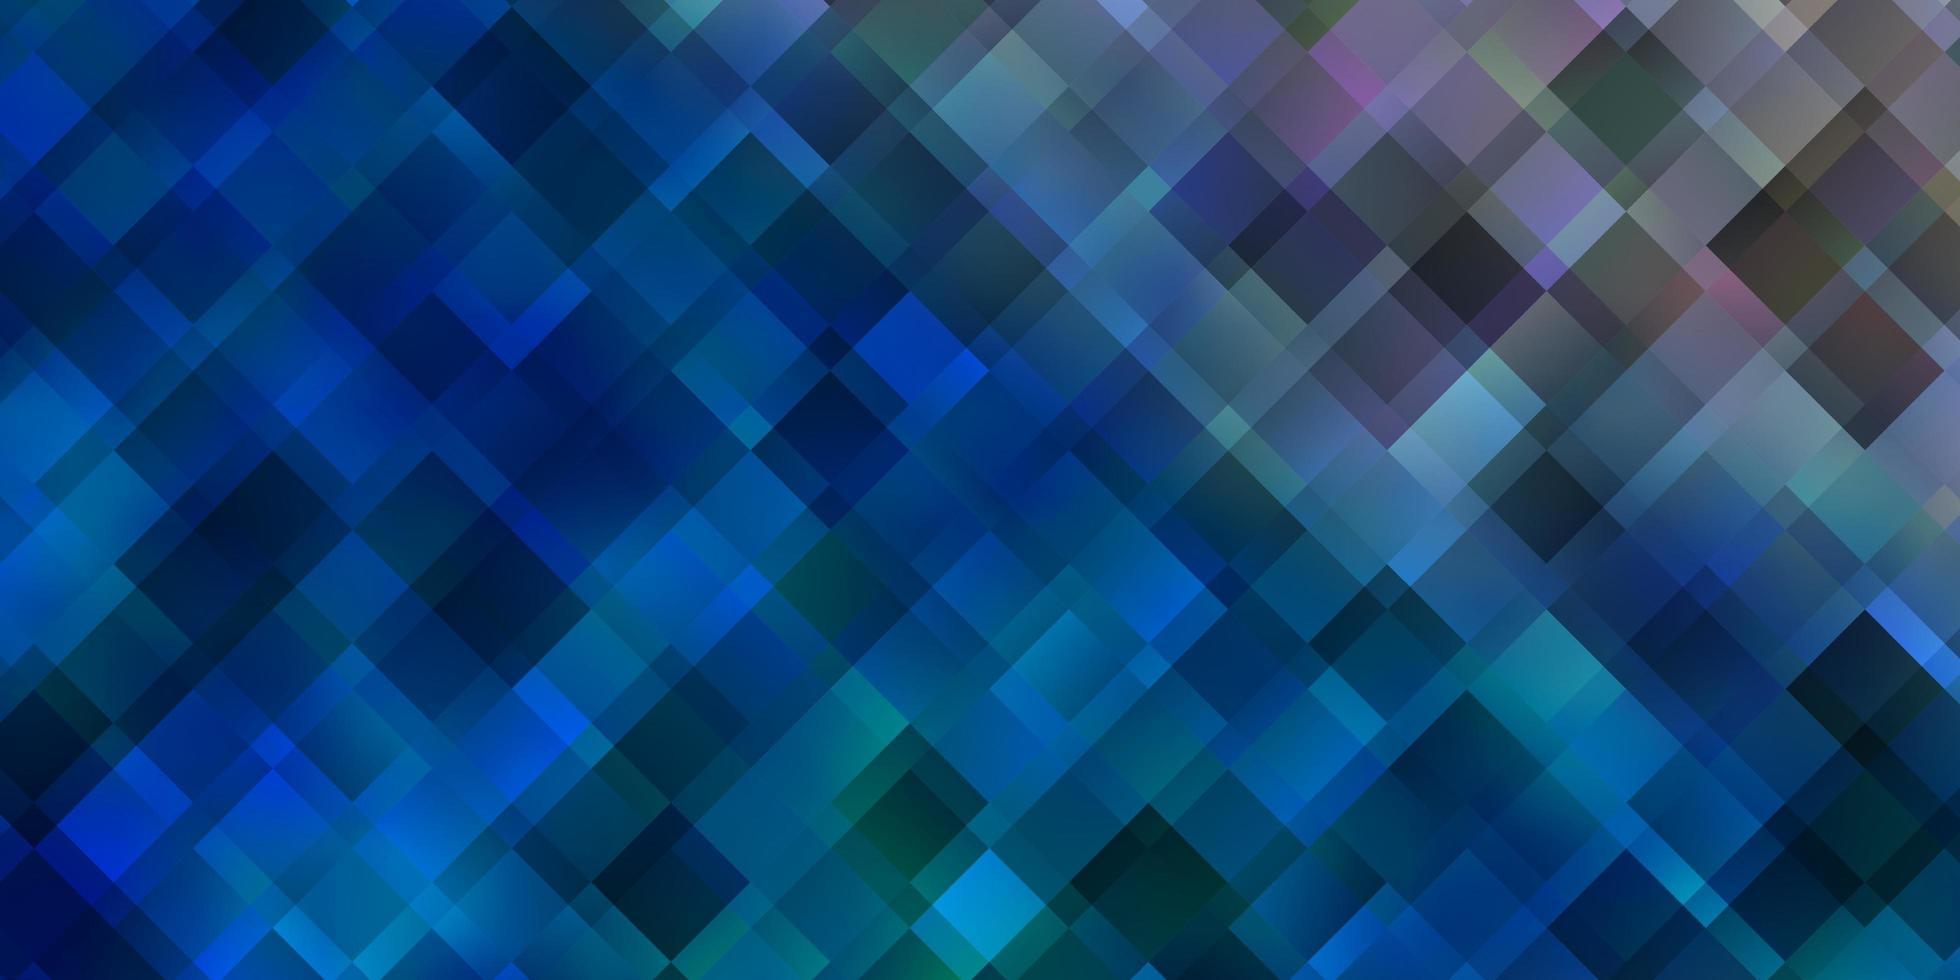 ljusblå layout med linjer, rektanglar. vektor